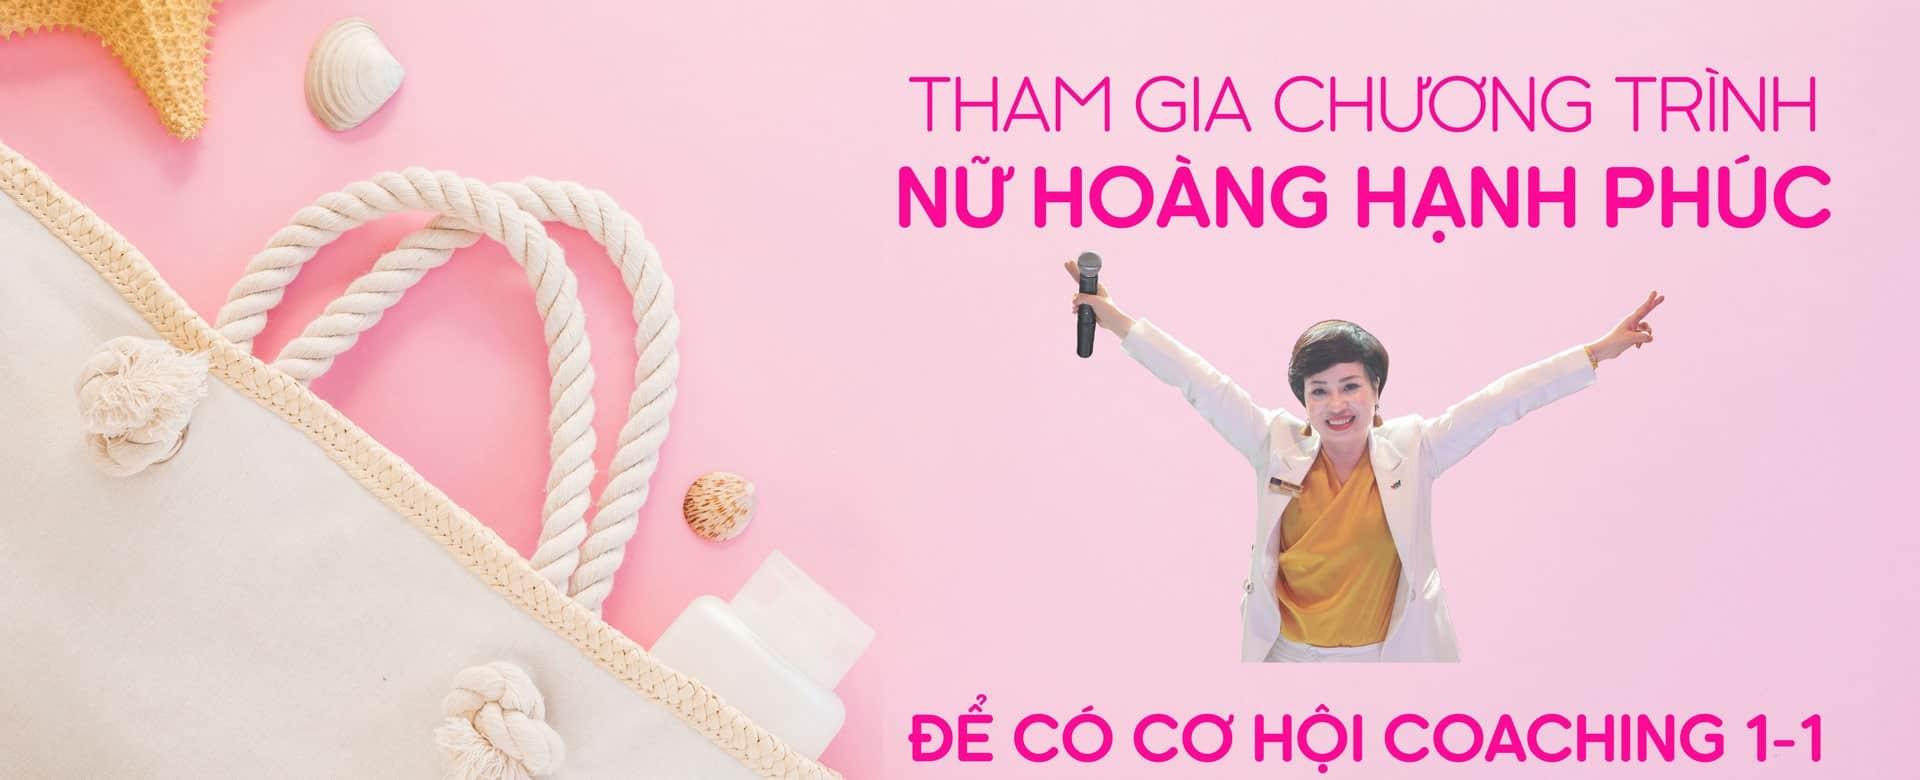 banner web 5 - Chuyên gia tâm lý hôn nhân, tình yêu và gia đình Vera Hà Anh